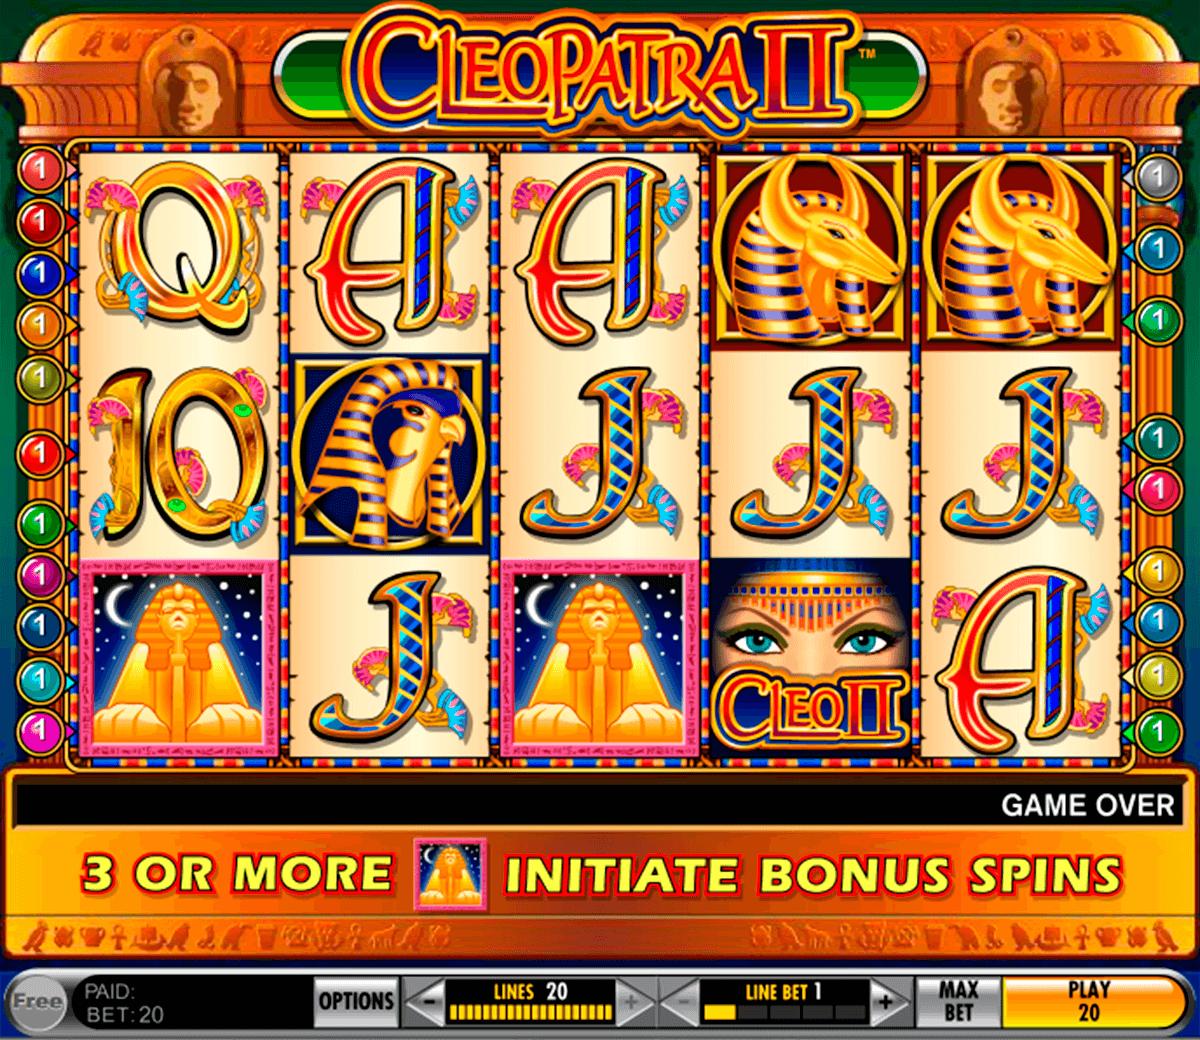 Juego de casino el zorro online Chile gratis tragamonedas - 42443